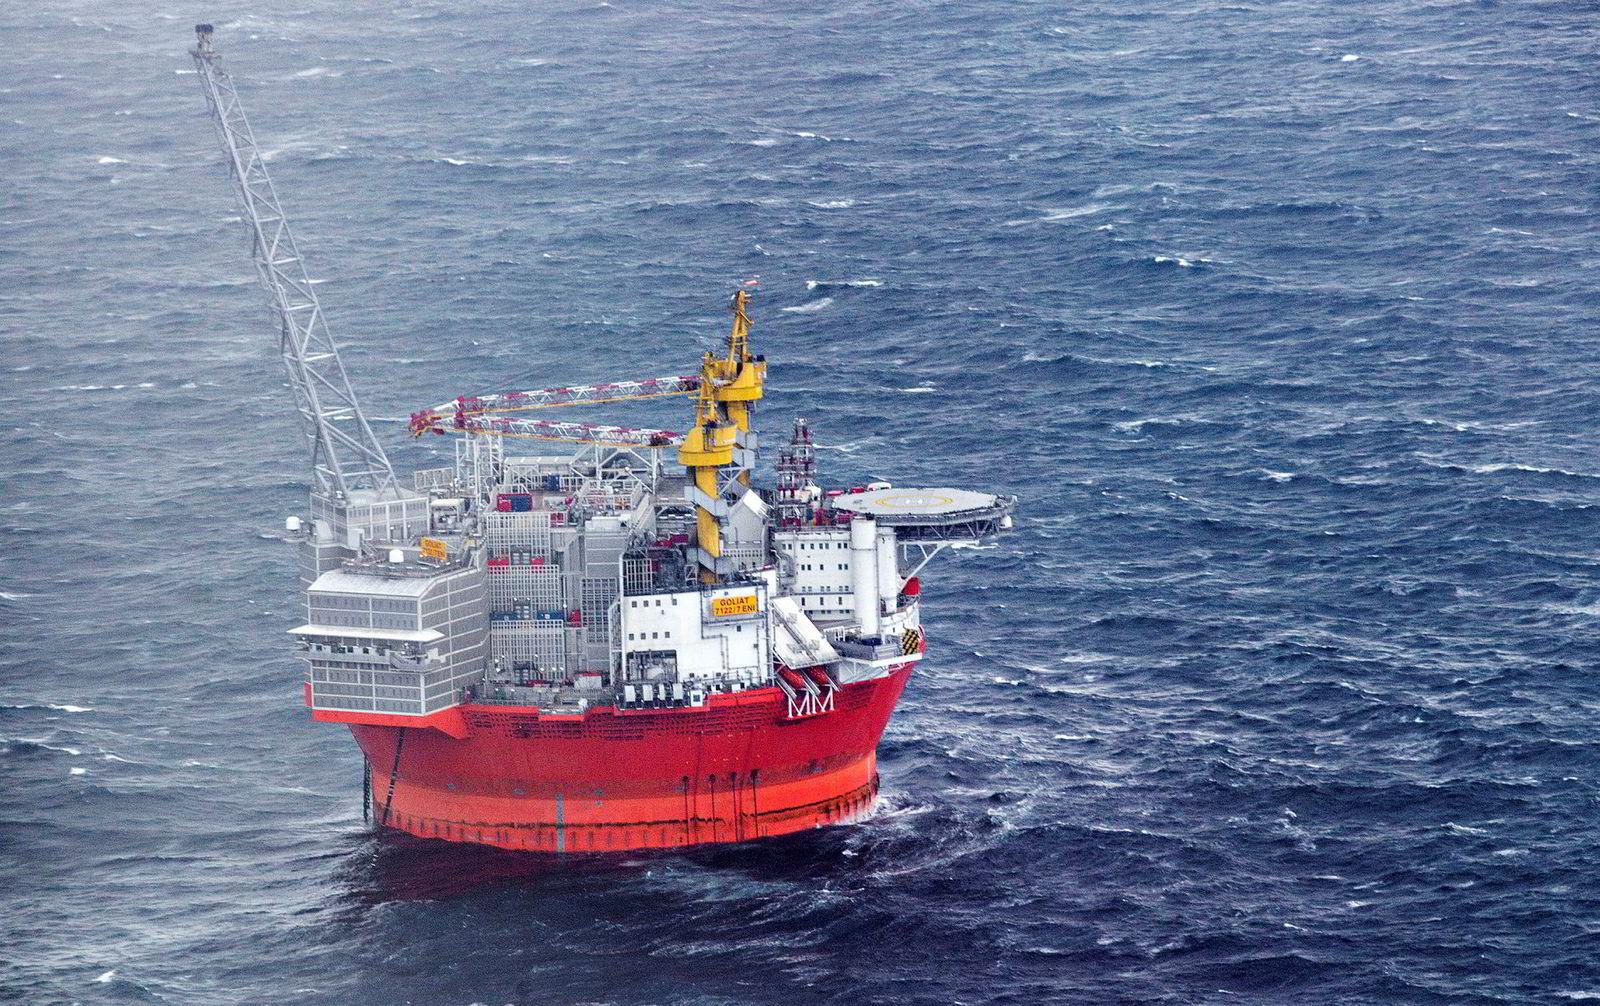 Boreriggen Goliat i Barentshavet har vært stengt siden 5. oktober, på grunn av store feil og mangler med såkalt tennkildekontroll, som skal sikre at plattformen ikke eksploderer.